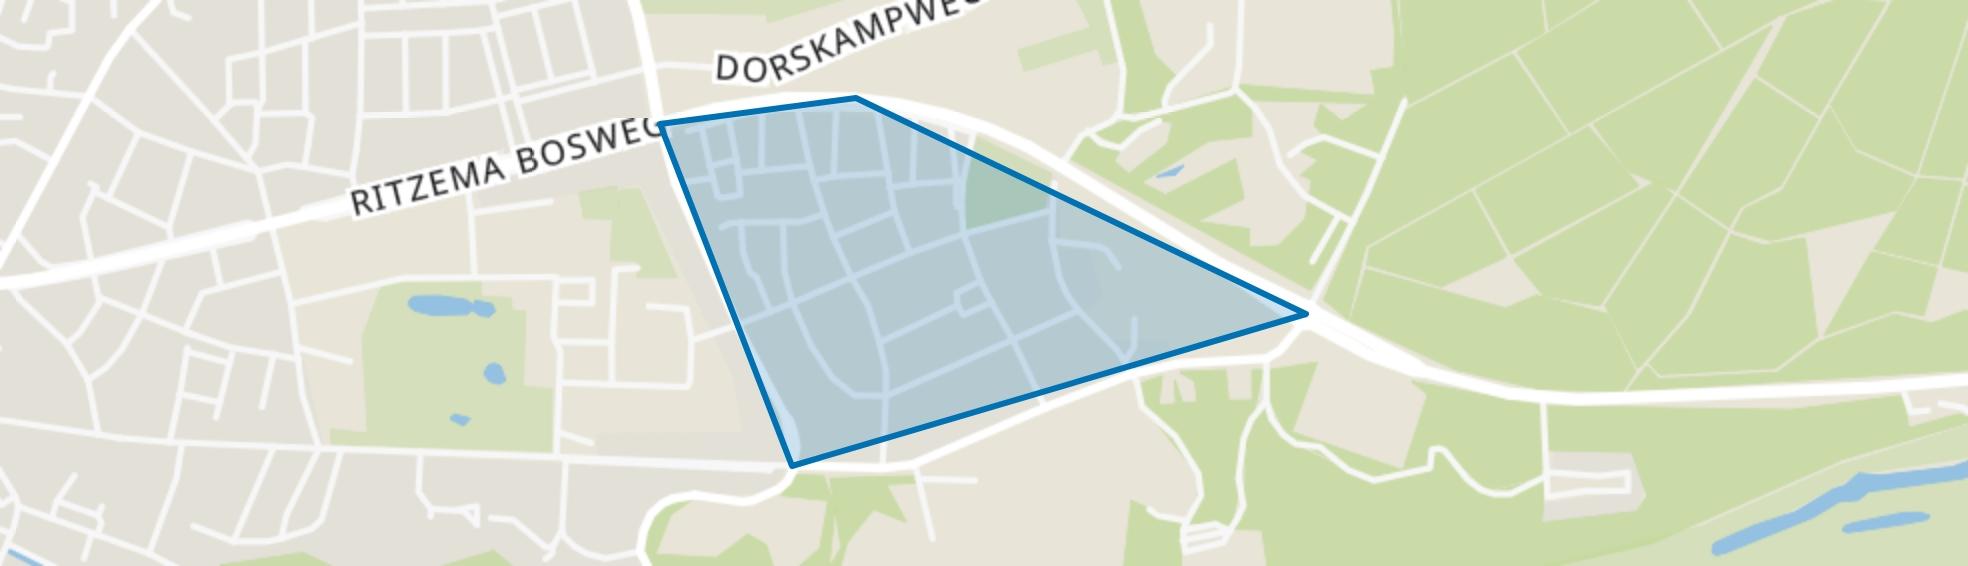 Hamelakkers, Wageningen map